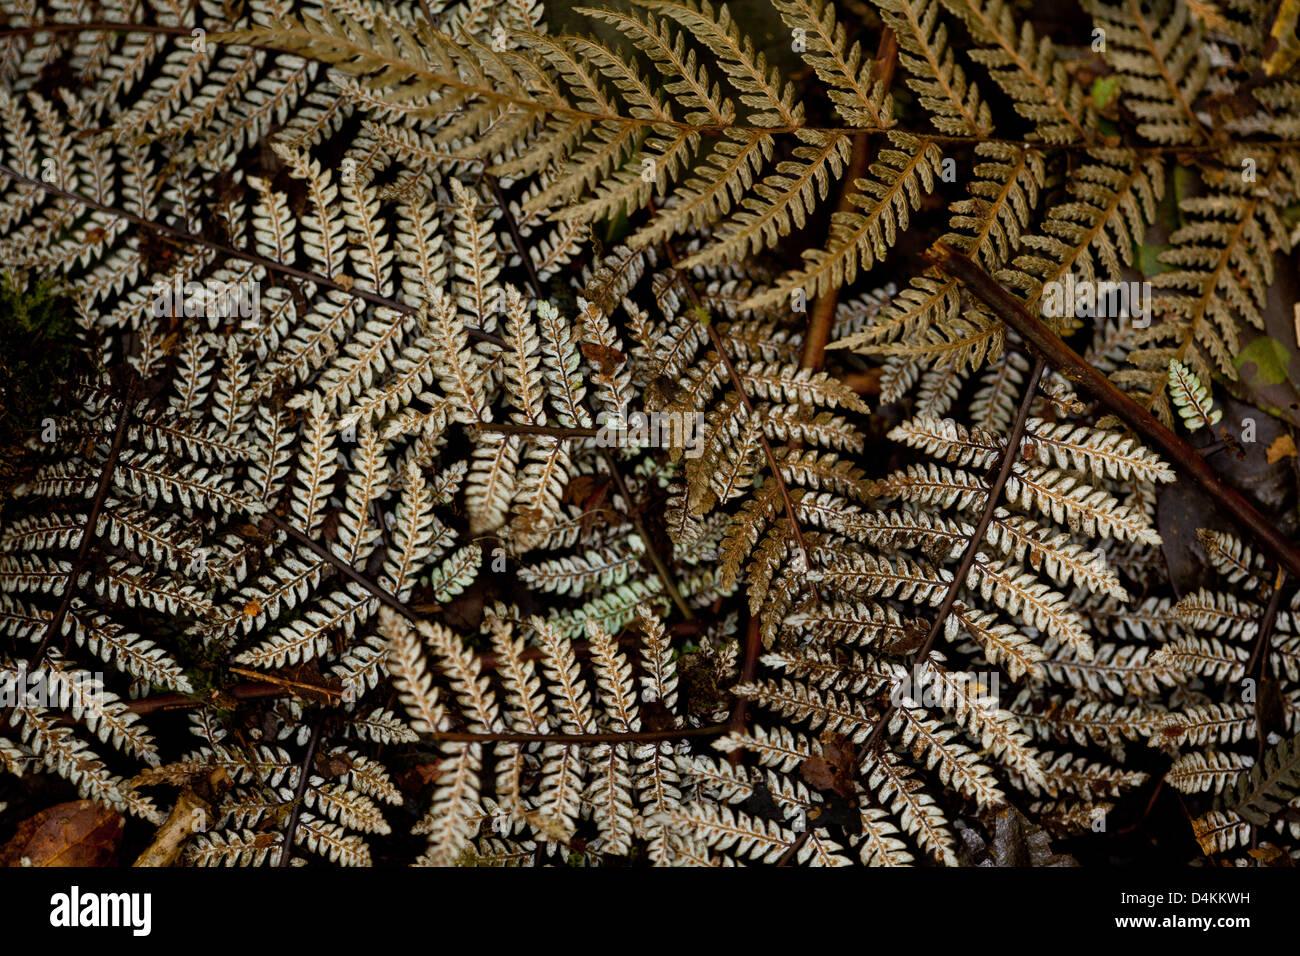 Feuille de fougère des structures sur l'cloudforest marbre en parc national La Amistad, province de Panama, République du Panama. Banque D'Images